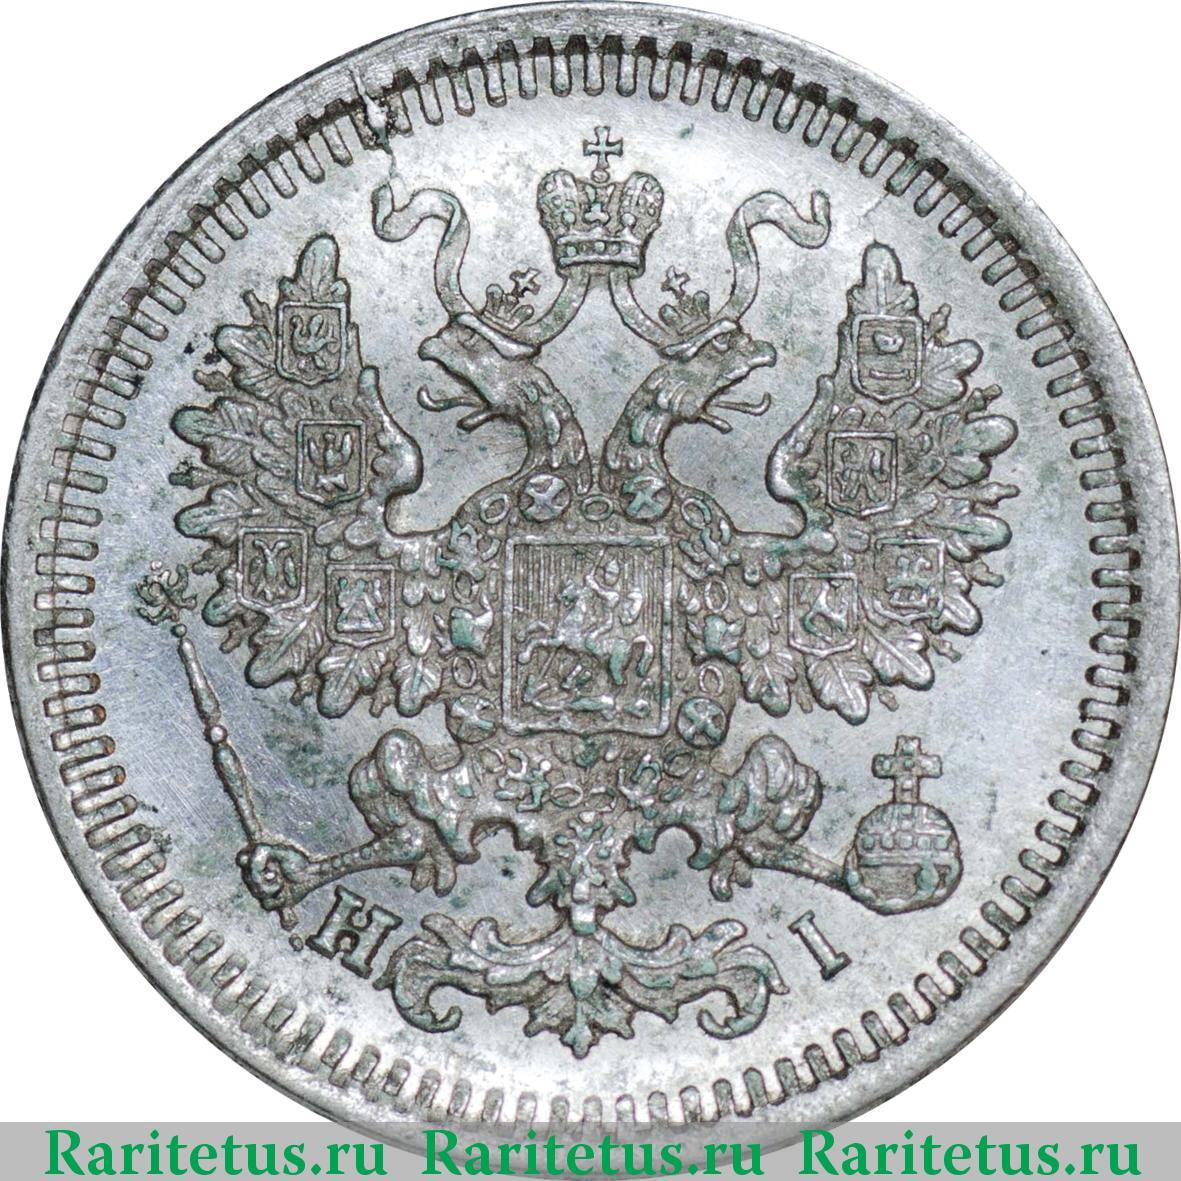 5 копеек 1875 года цена стоимость монеты альбом для монет фифа